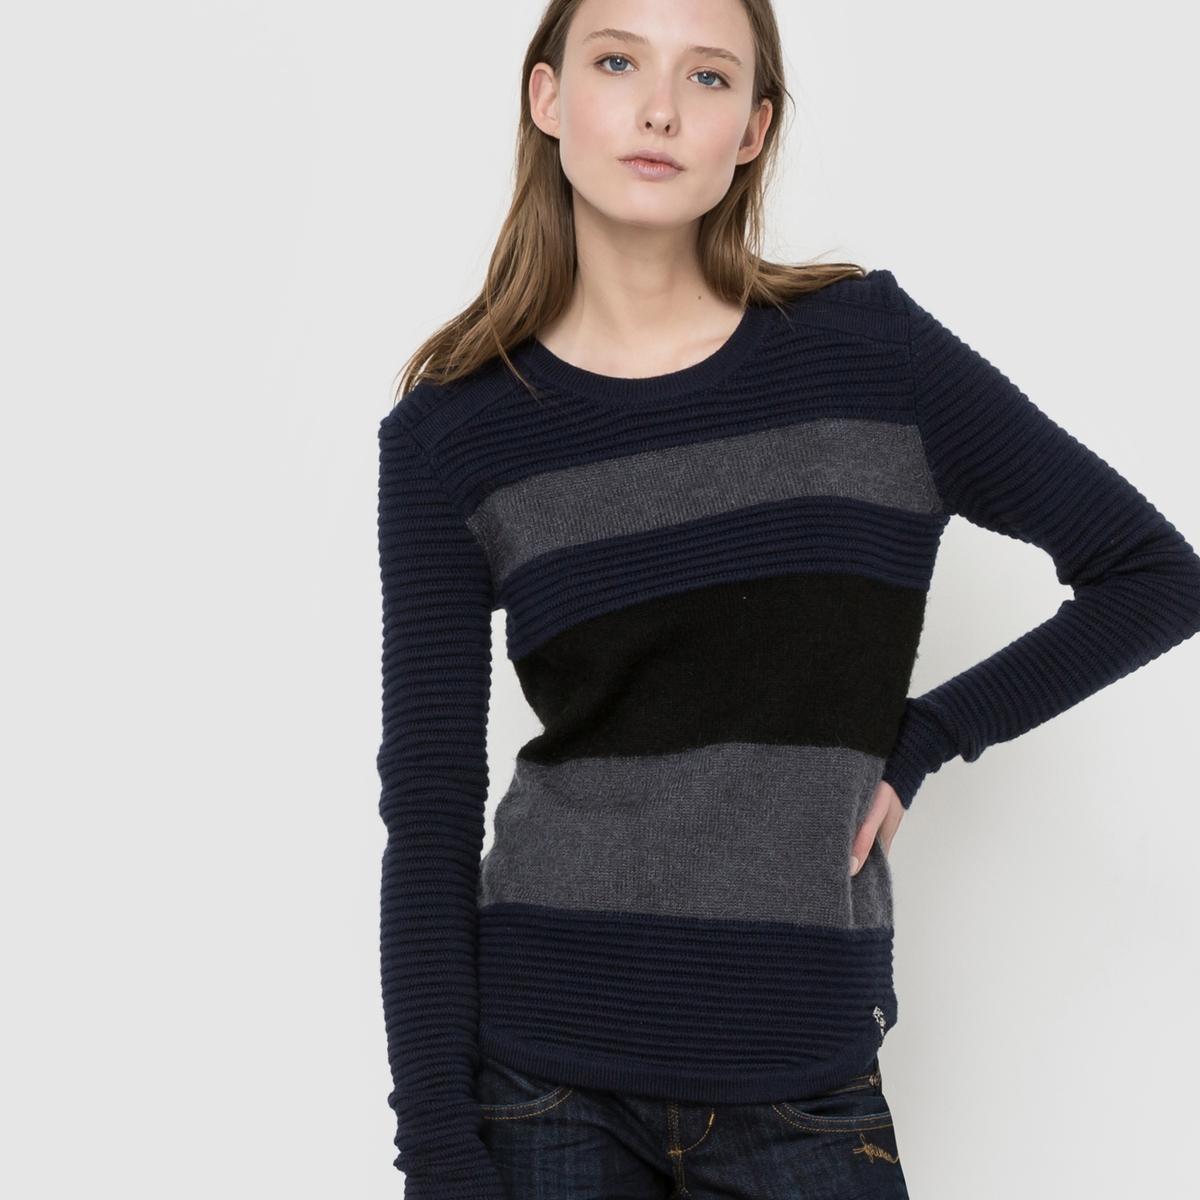 Пуловер в полоску с длинными рукавамиУходРучная стирка.Сушить на горизонтальной поверхности в расправленном состоянии.Гладить при температуре не выше 110°C.Сухая (химическая) чистка разрешена.<br><br>Цвет: темно-синий/ серый